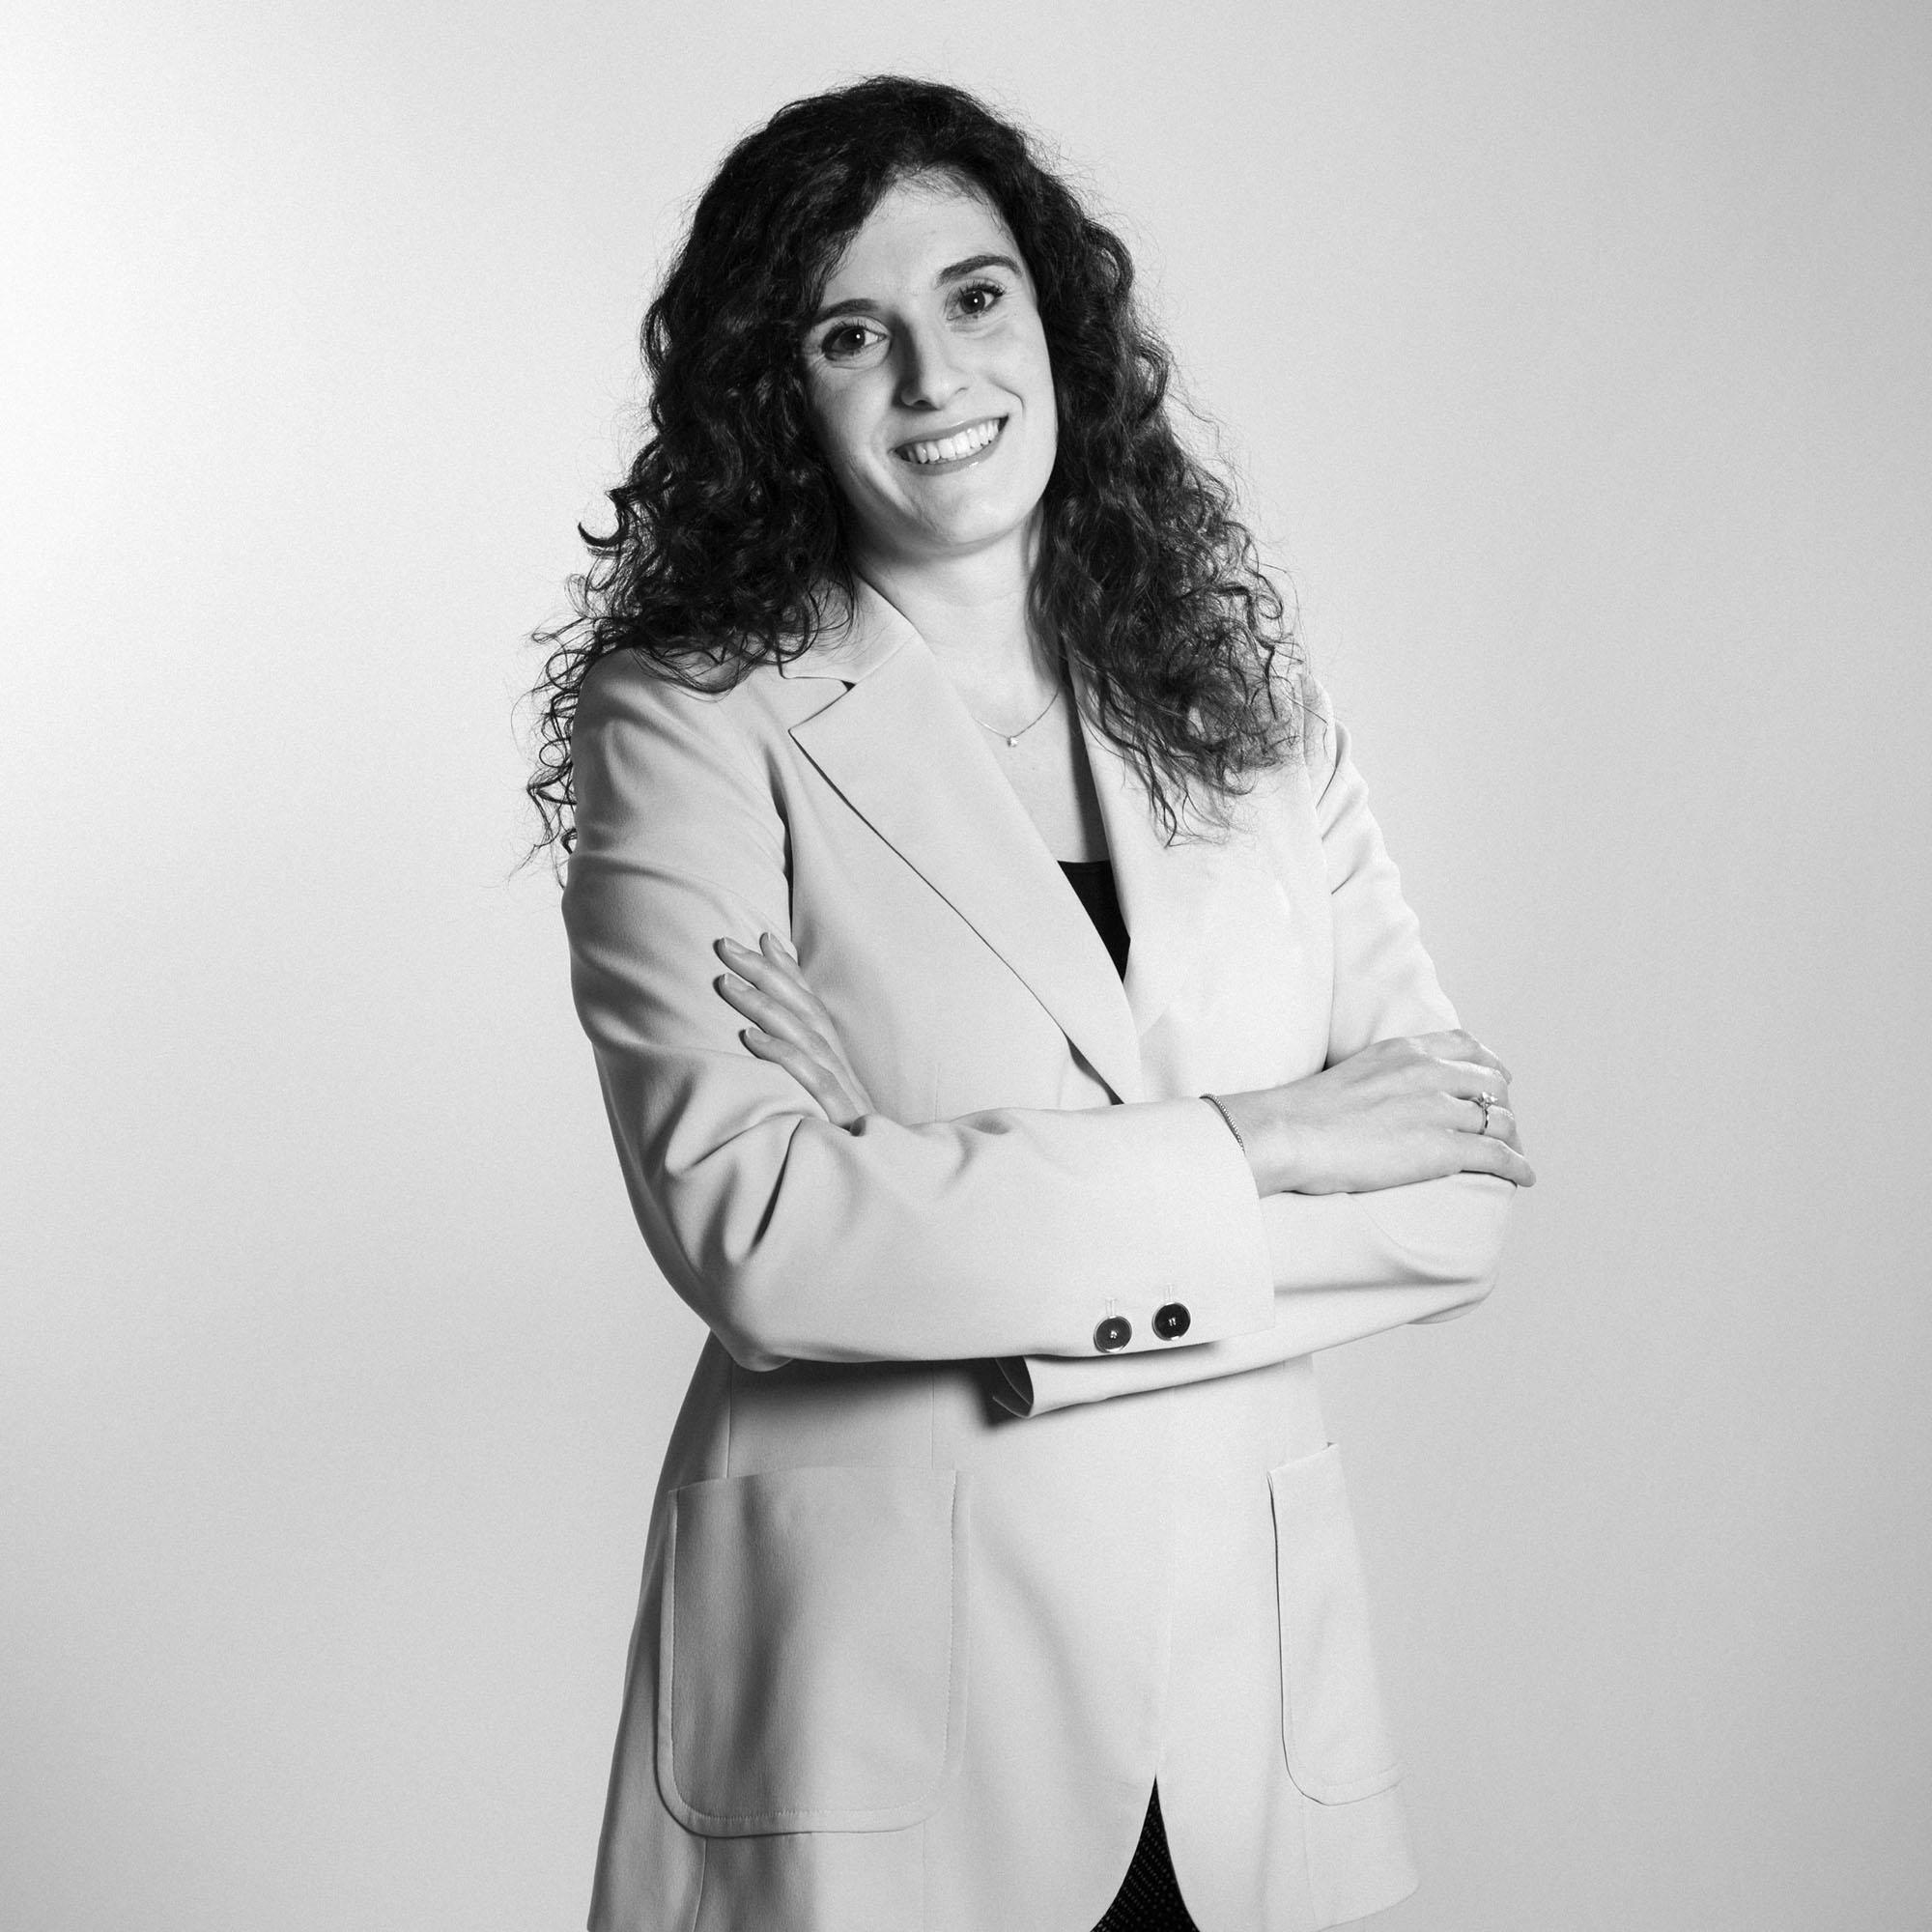 Sofia Proleven